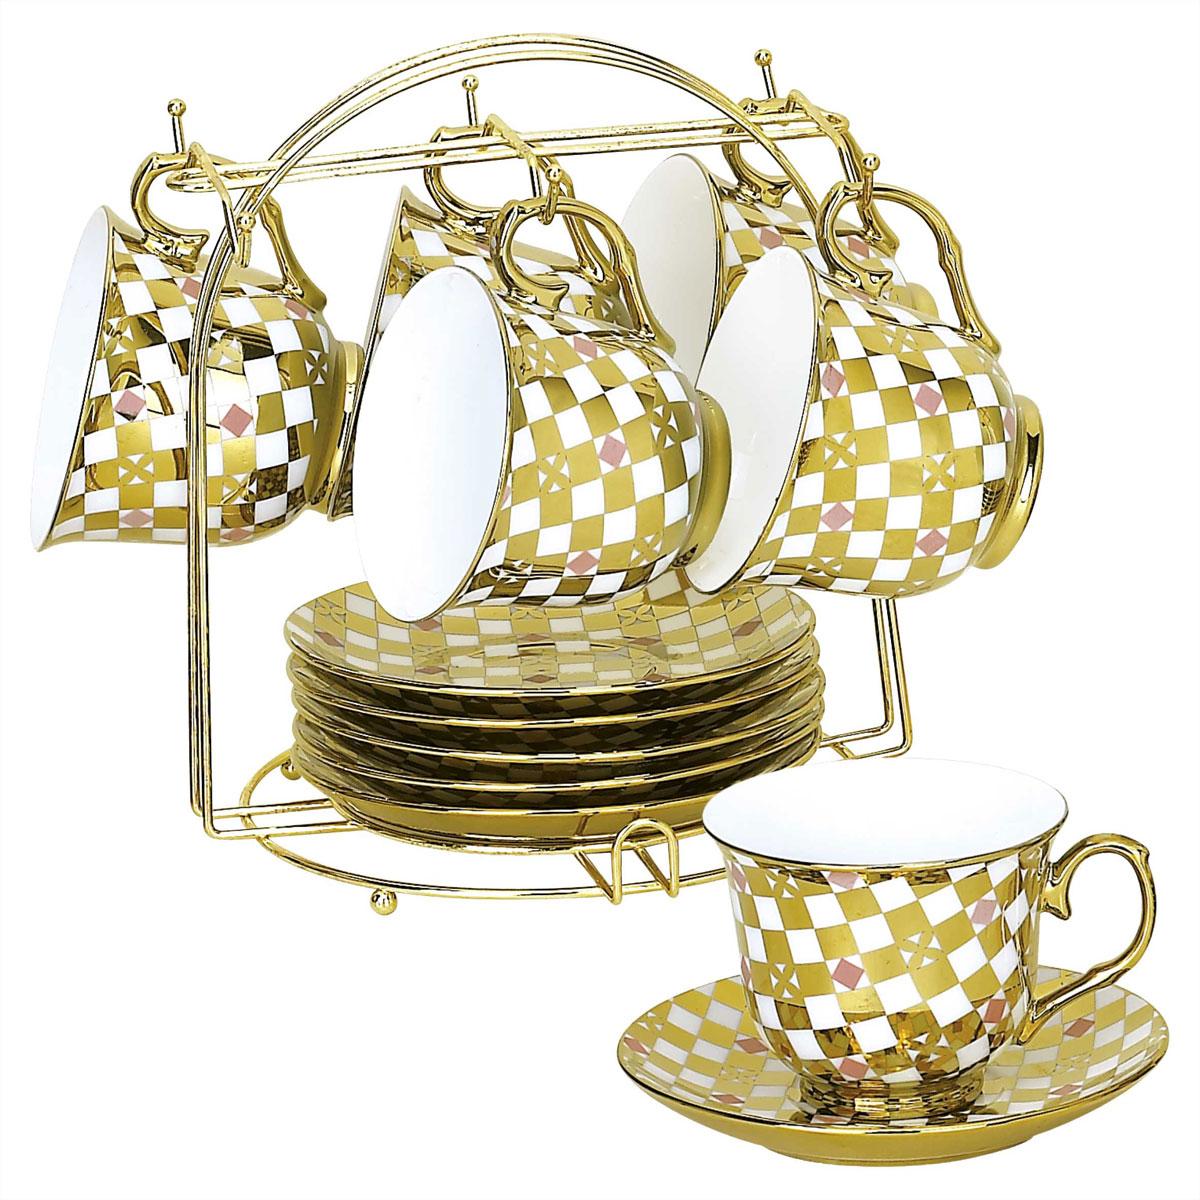 Набор чайный Bekker, 13 предметов. BK-5920 (8)VT-1520(SR)Чайный набор Bekker состоит из шести чашек и шести блюдец. Предметы набора изготовлены из высококачественного фарфора и украшены золотистой эмалью. Яркий орнамент в шахматном стиле придает набору изысканный внешний вид. В комплекте - металлическая хромированная подставка золотистого цвета с шестью крючками для подвешивания кружек и подставкой для блюдец.Чайный набор яркого и в тоже время лаконичного дизайна украсит интерьер кухни. Прекрасно подойдет как для торжественных случаев, так и для ежедневного использования.Подходит для мытья в посудомоечной машине. Объем чашки: 220 мл. Диаметр чашки (по верхнему краю): 9 см. Высота чашки: 7,5 см. Диаметр блюдца: 14 см. Размер подставки: 19 см х 19 см х 21 см.